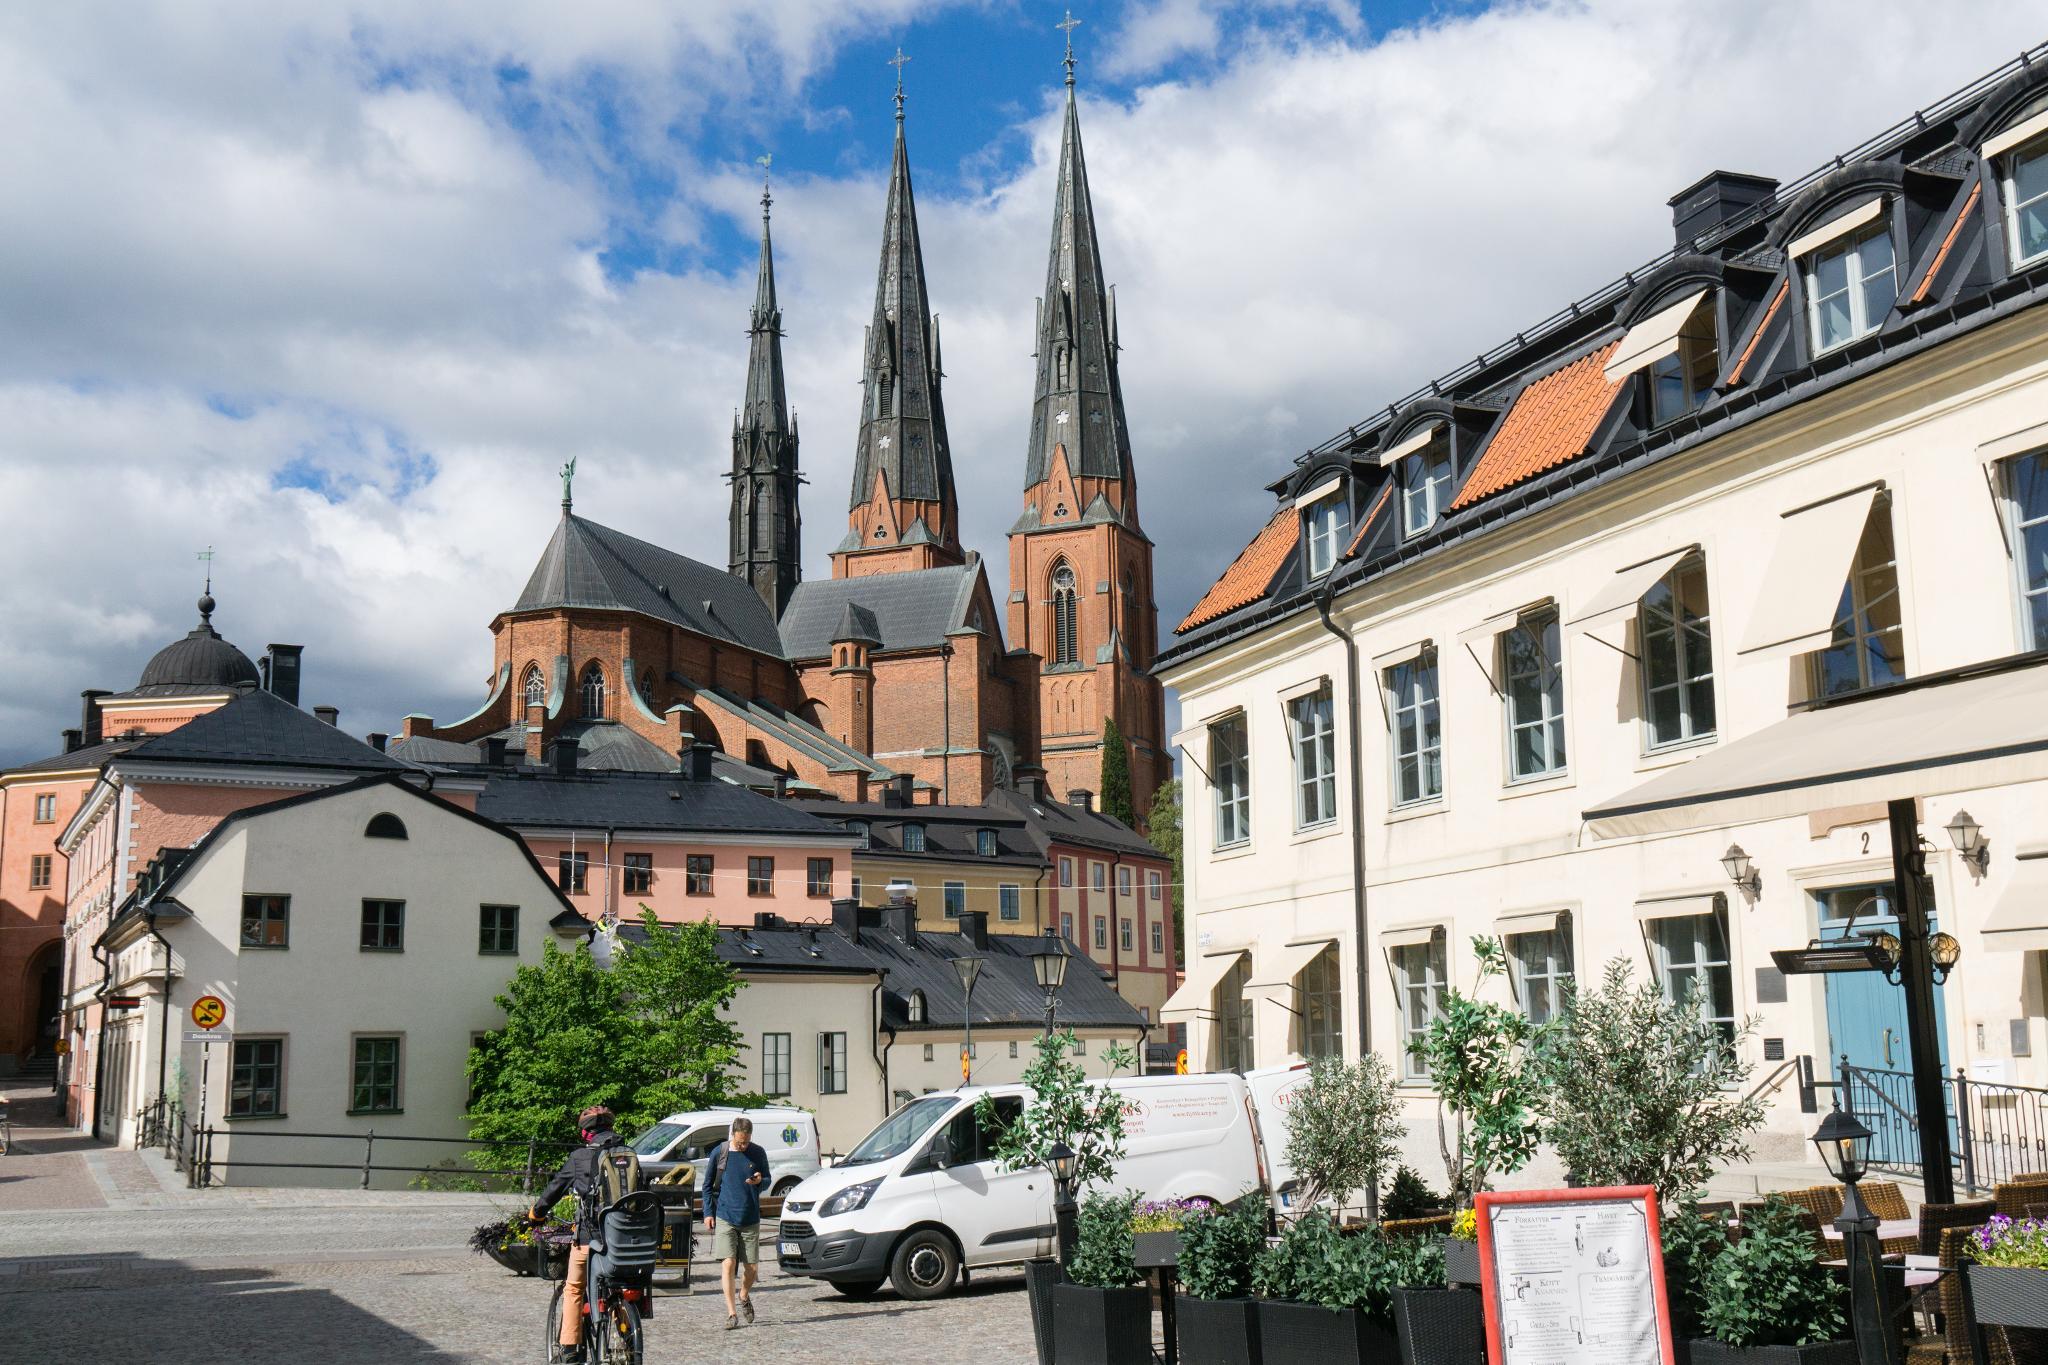 【北歐景點】瑞典的歷史縮影 — 老城烏普薩拉(Uppsala)的人文風景